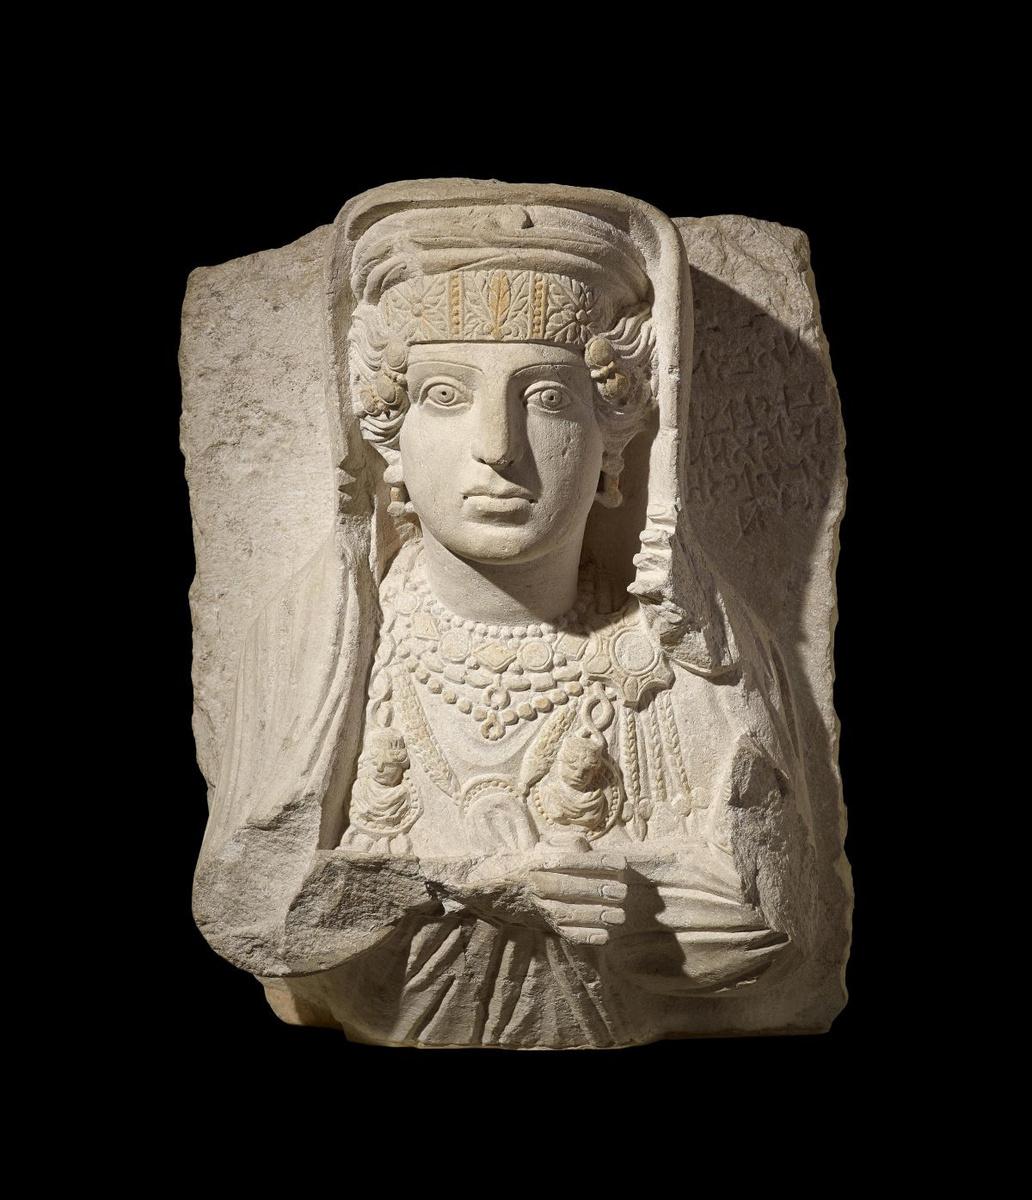 Grafreliëf met buste van een vrouw, 200-273 n. Chr., The Trustees of the British Museum